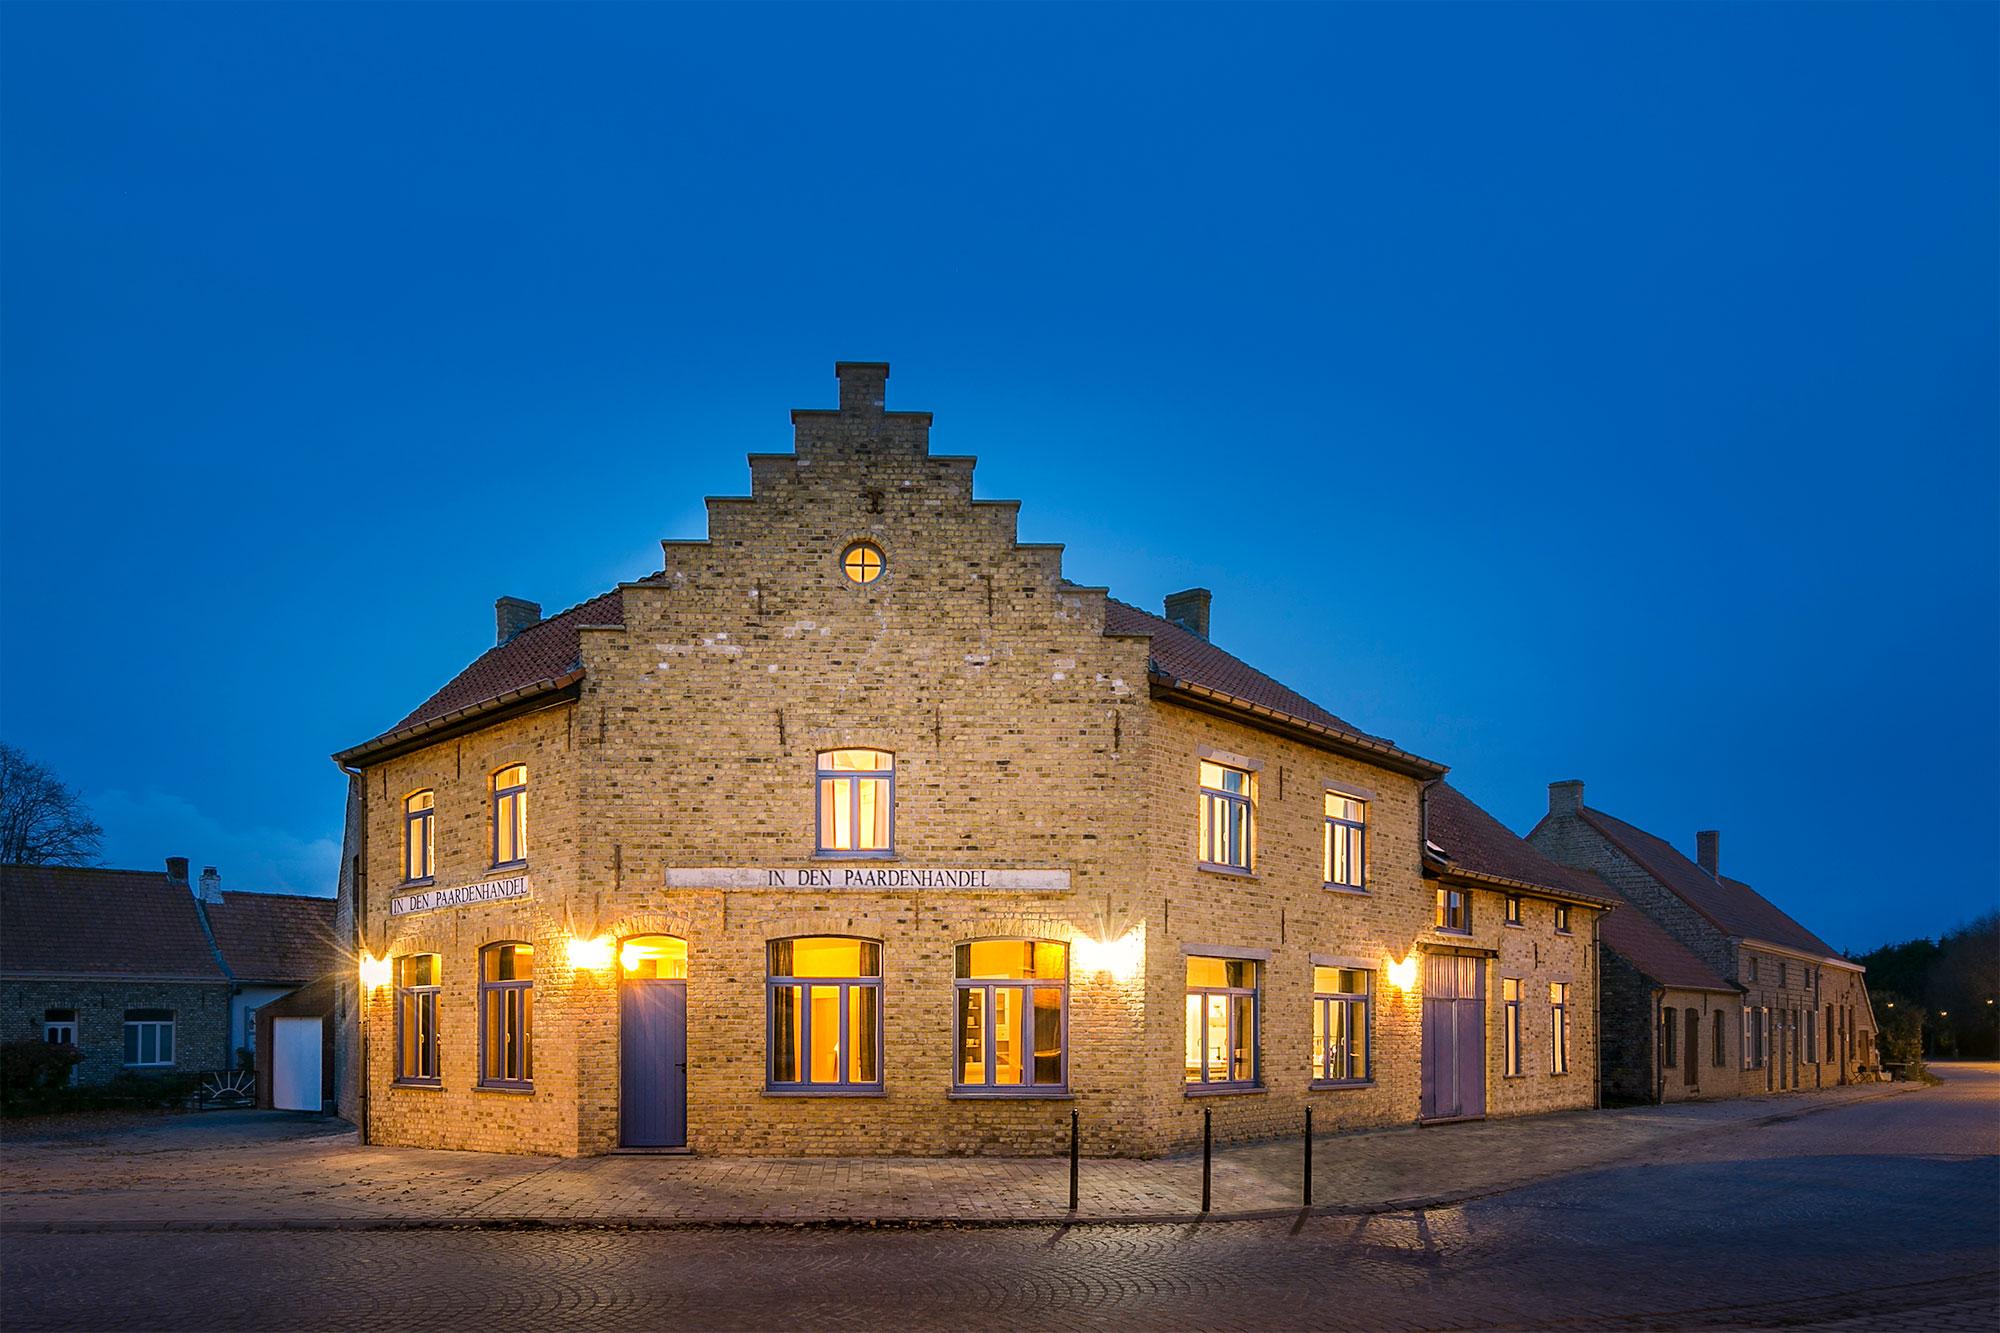 Te huur vakantiehuis In Den Paardenhandel - authentiek en rustig gelegen